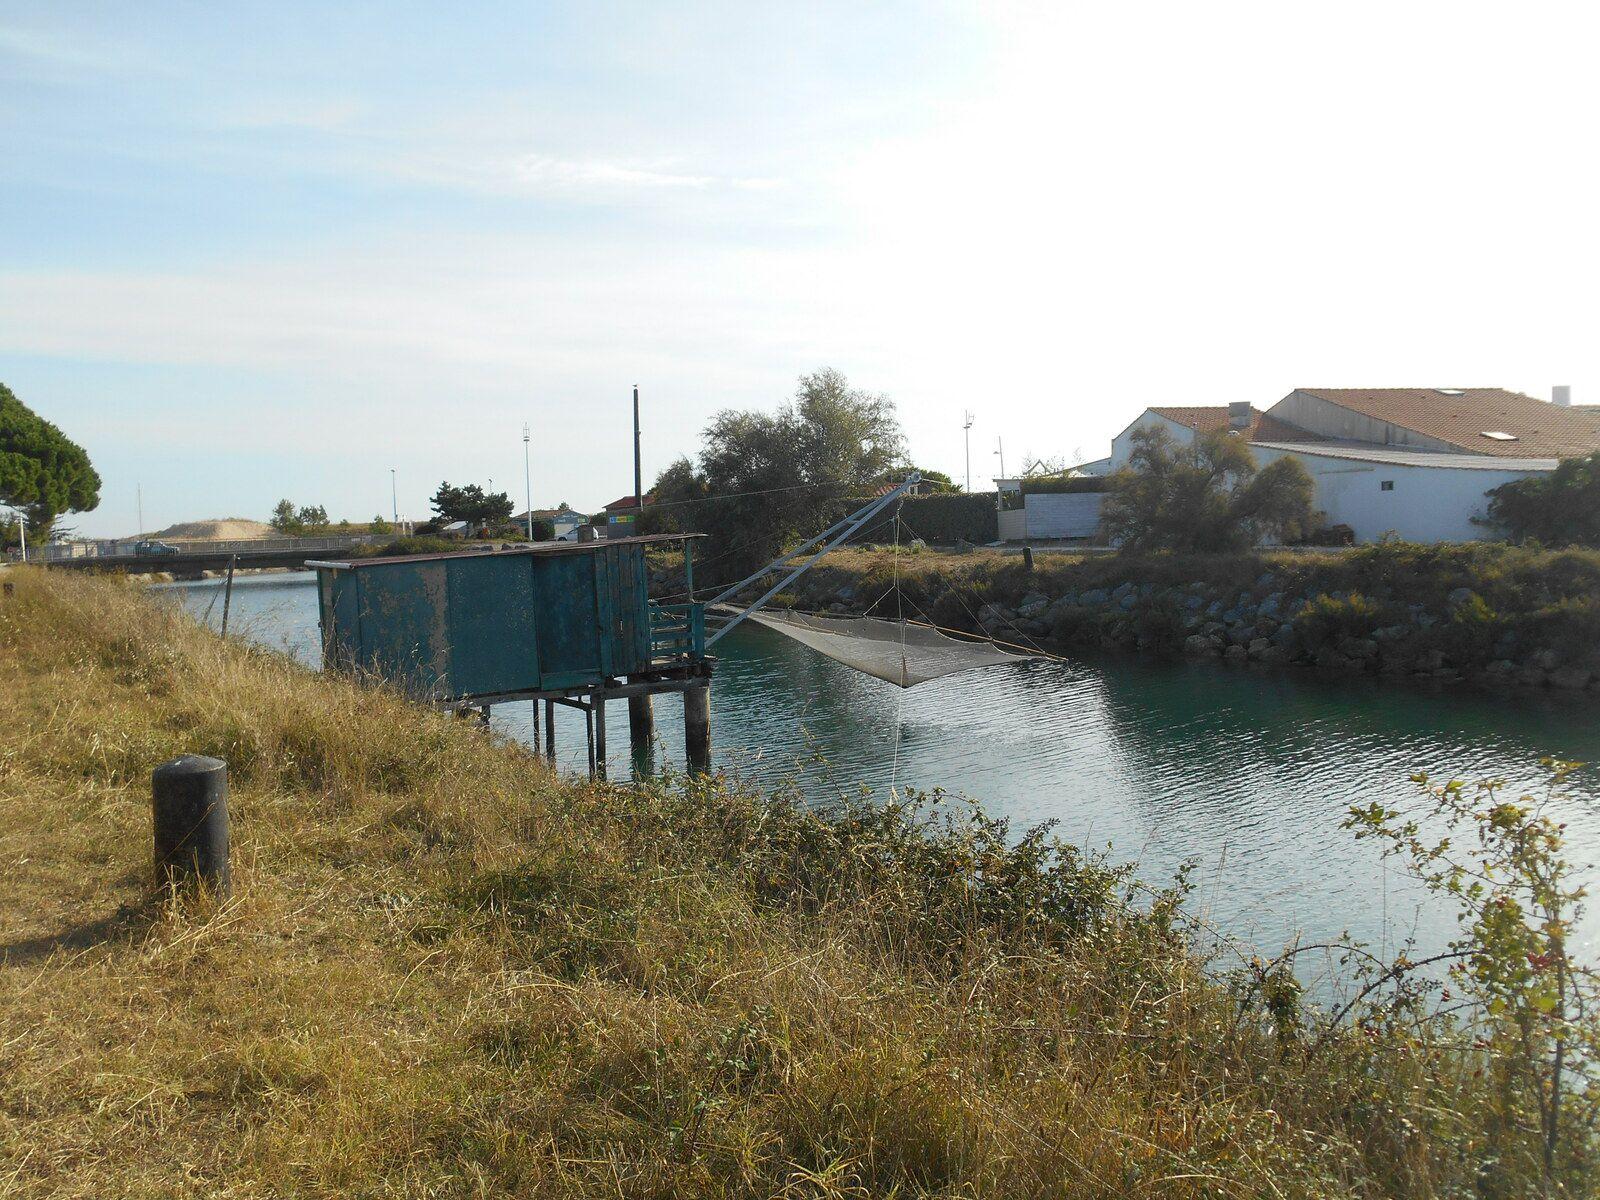 Avant d'arriver au Port, petite cabane dédiée à la pêche au carrelet...